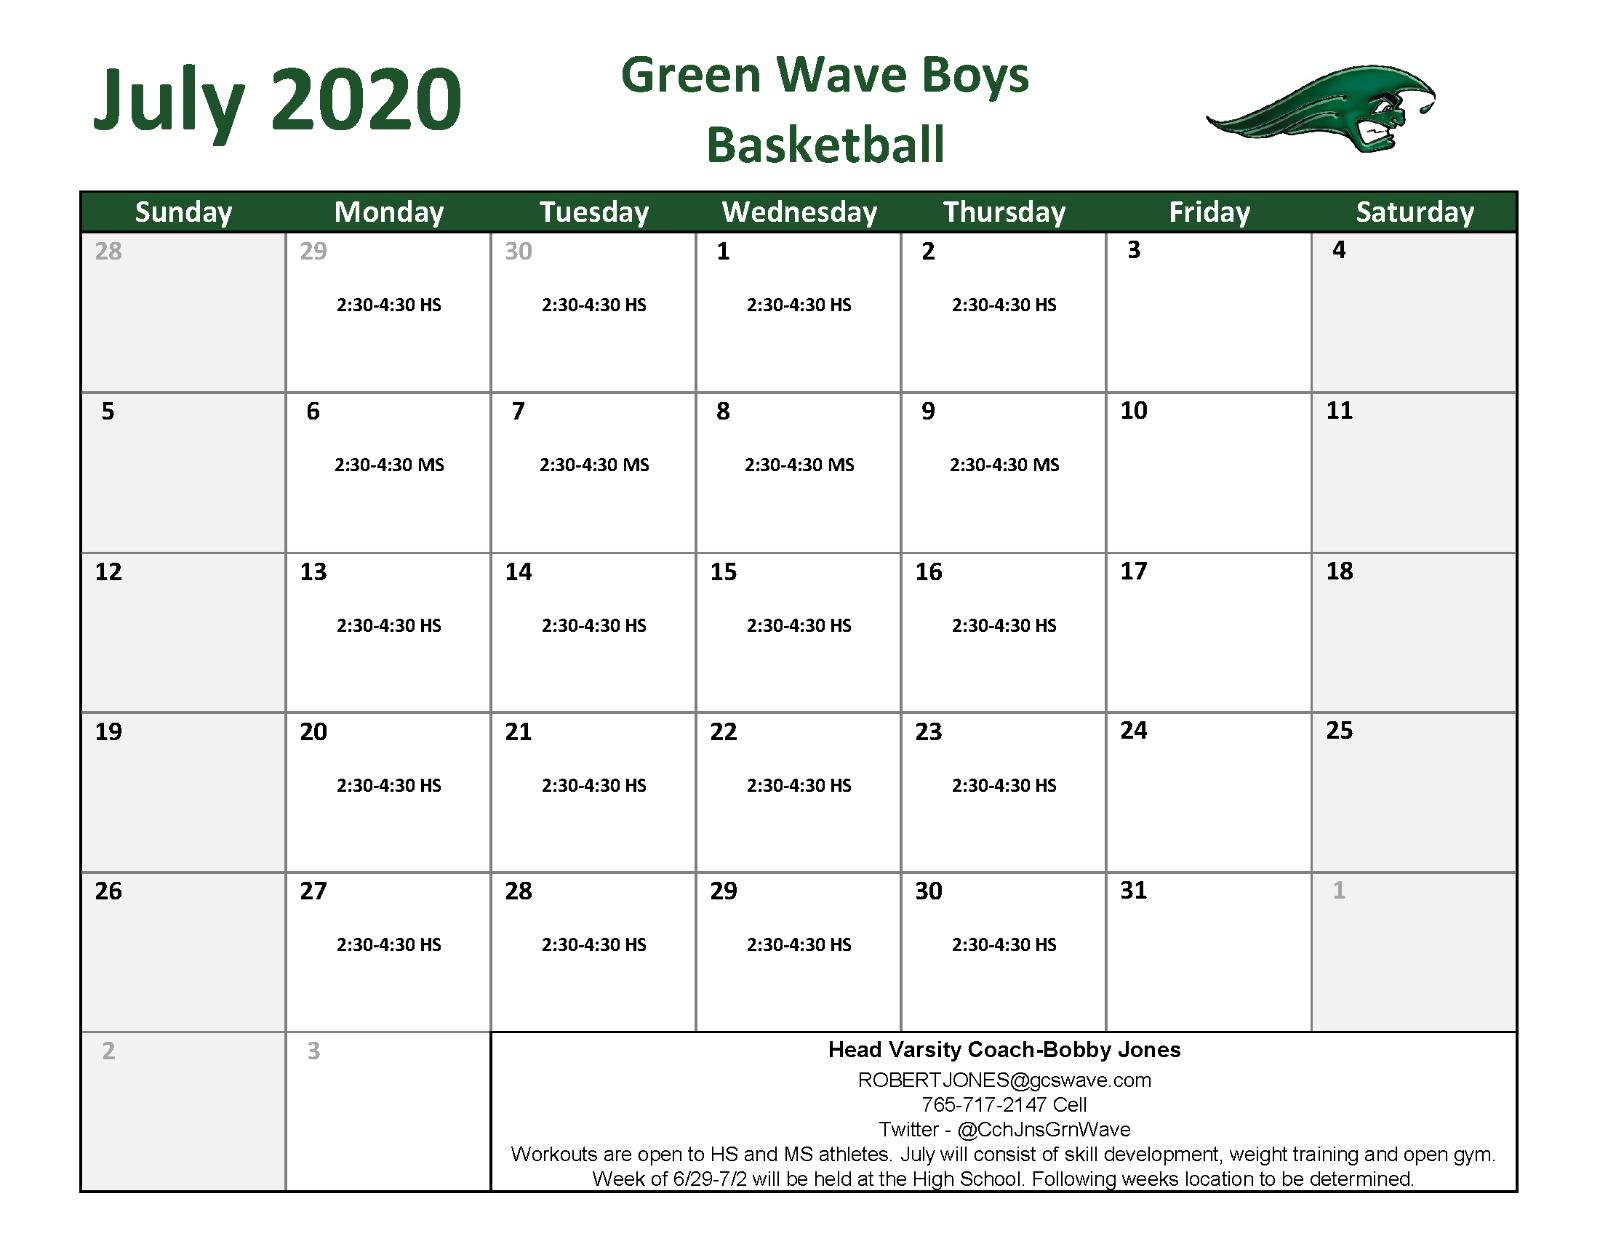 July 2020 Boys Basketball Workouts